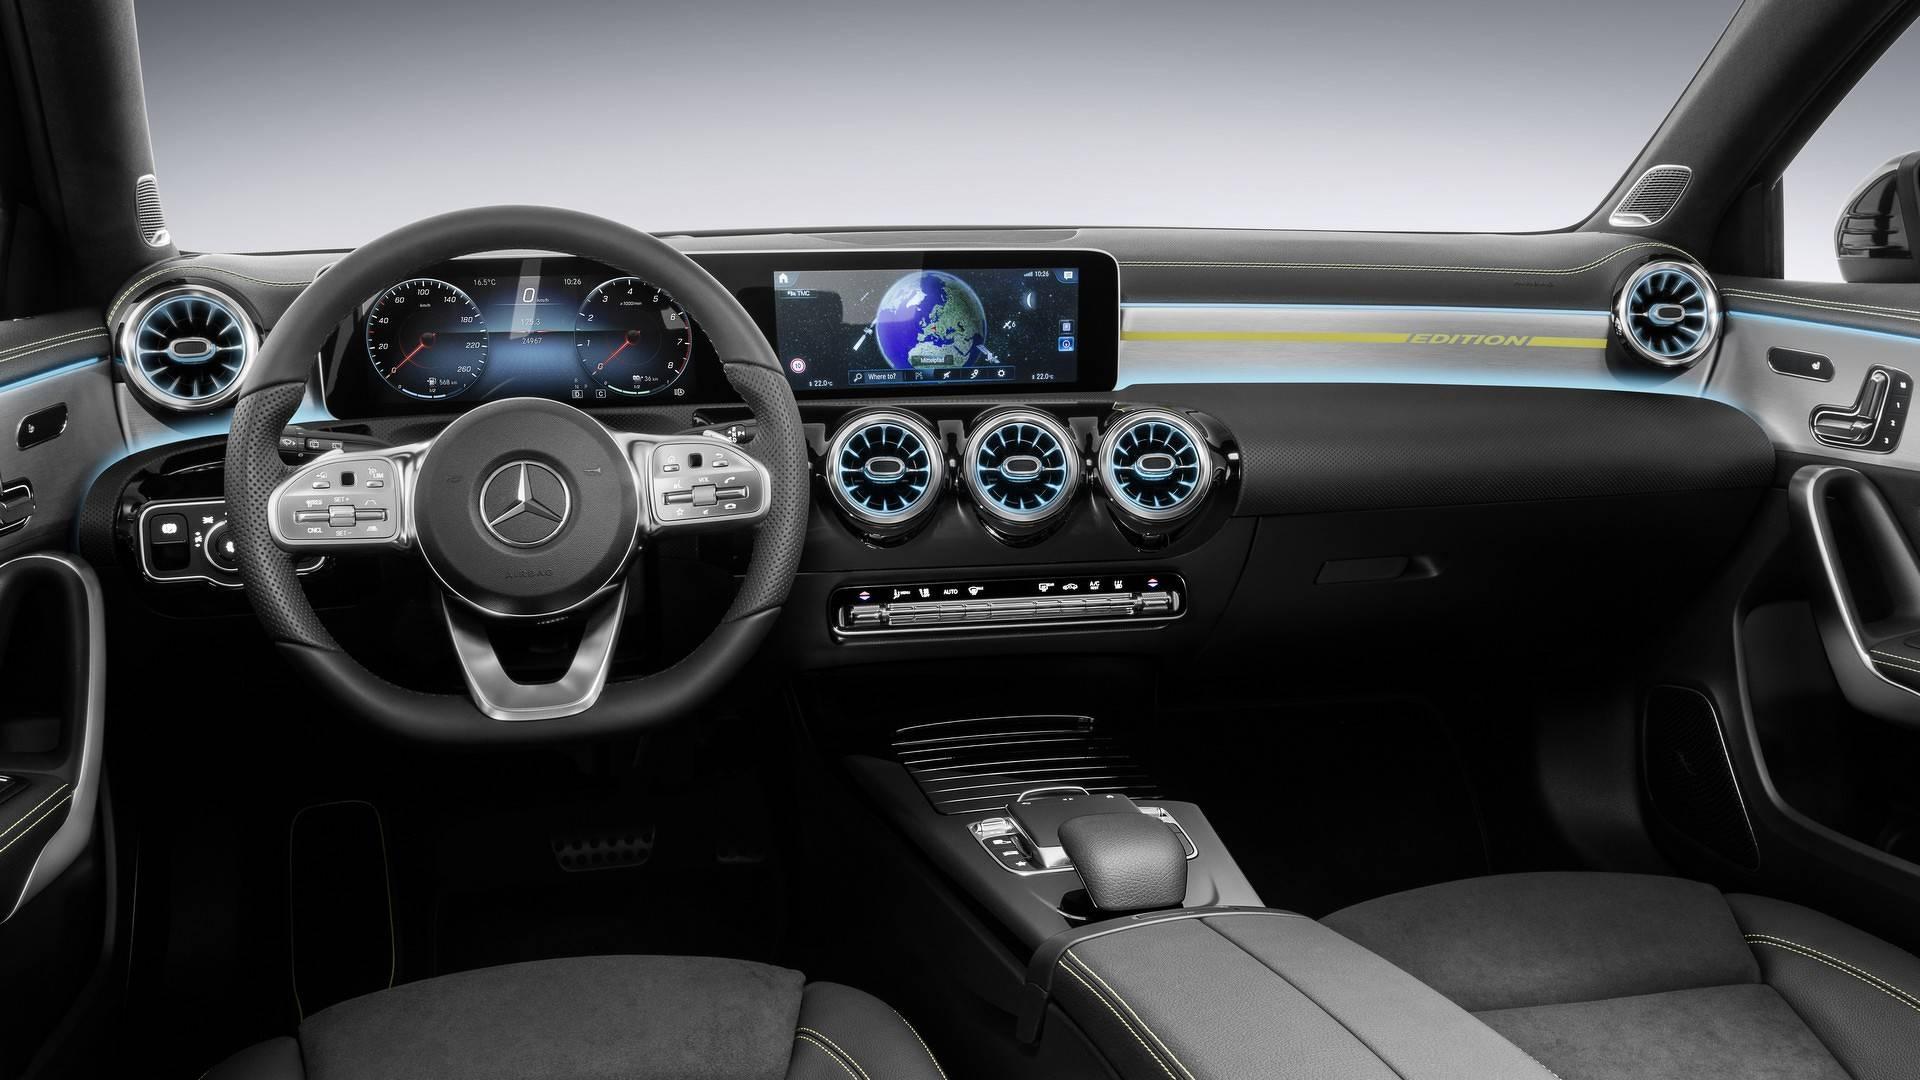 Mercedes-Bens Classe A intérieur